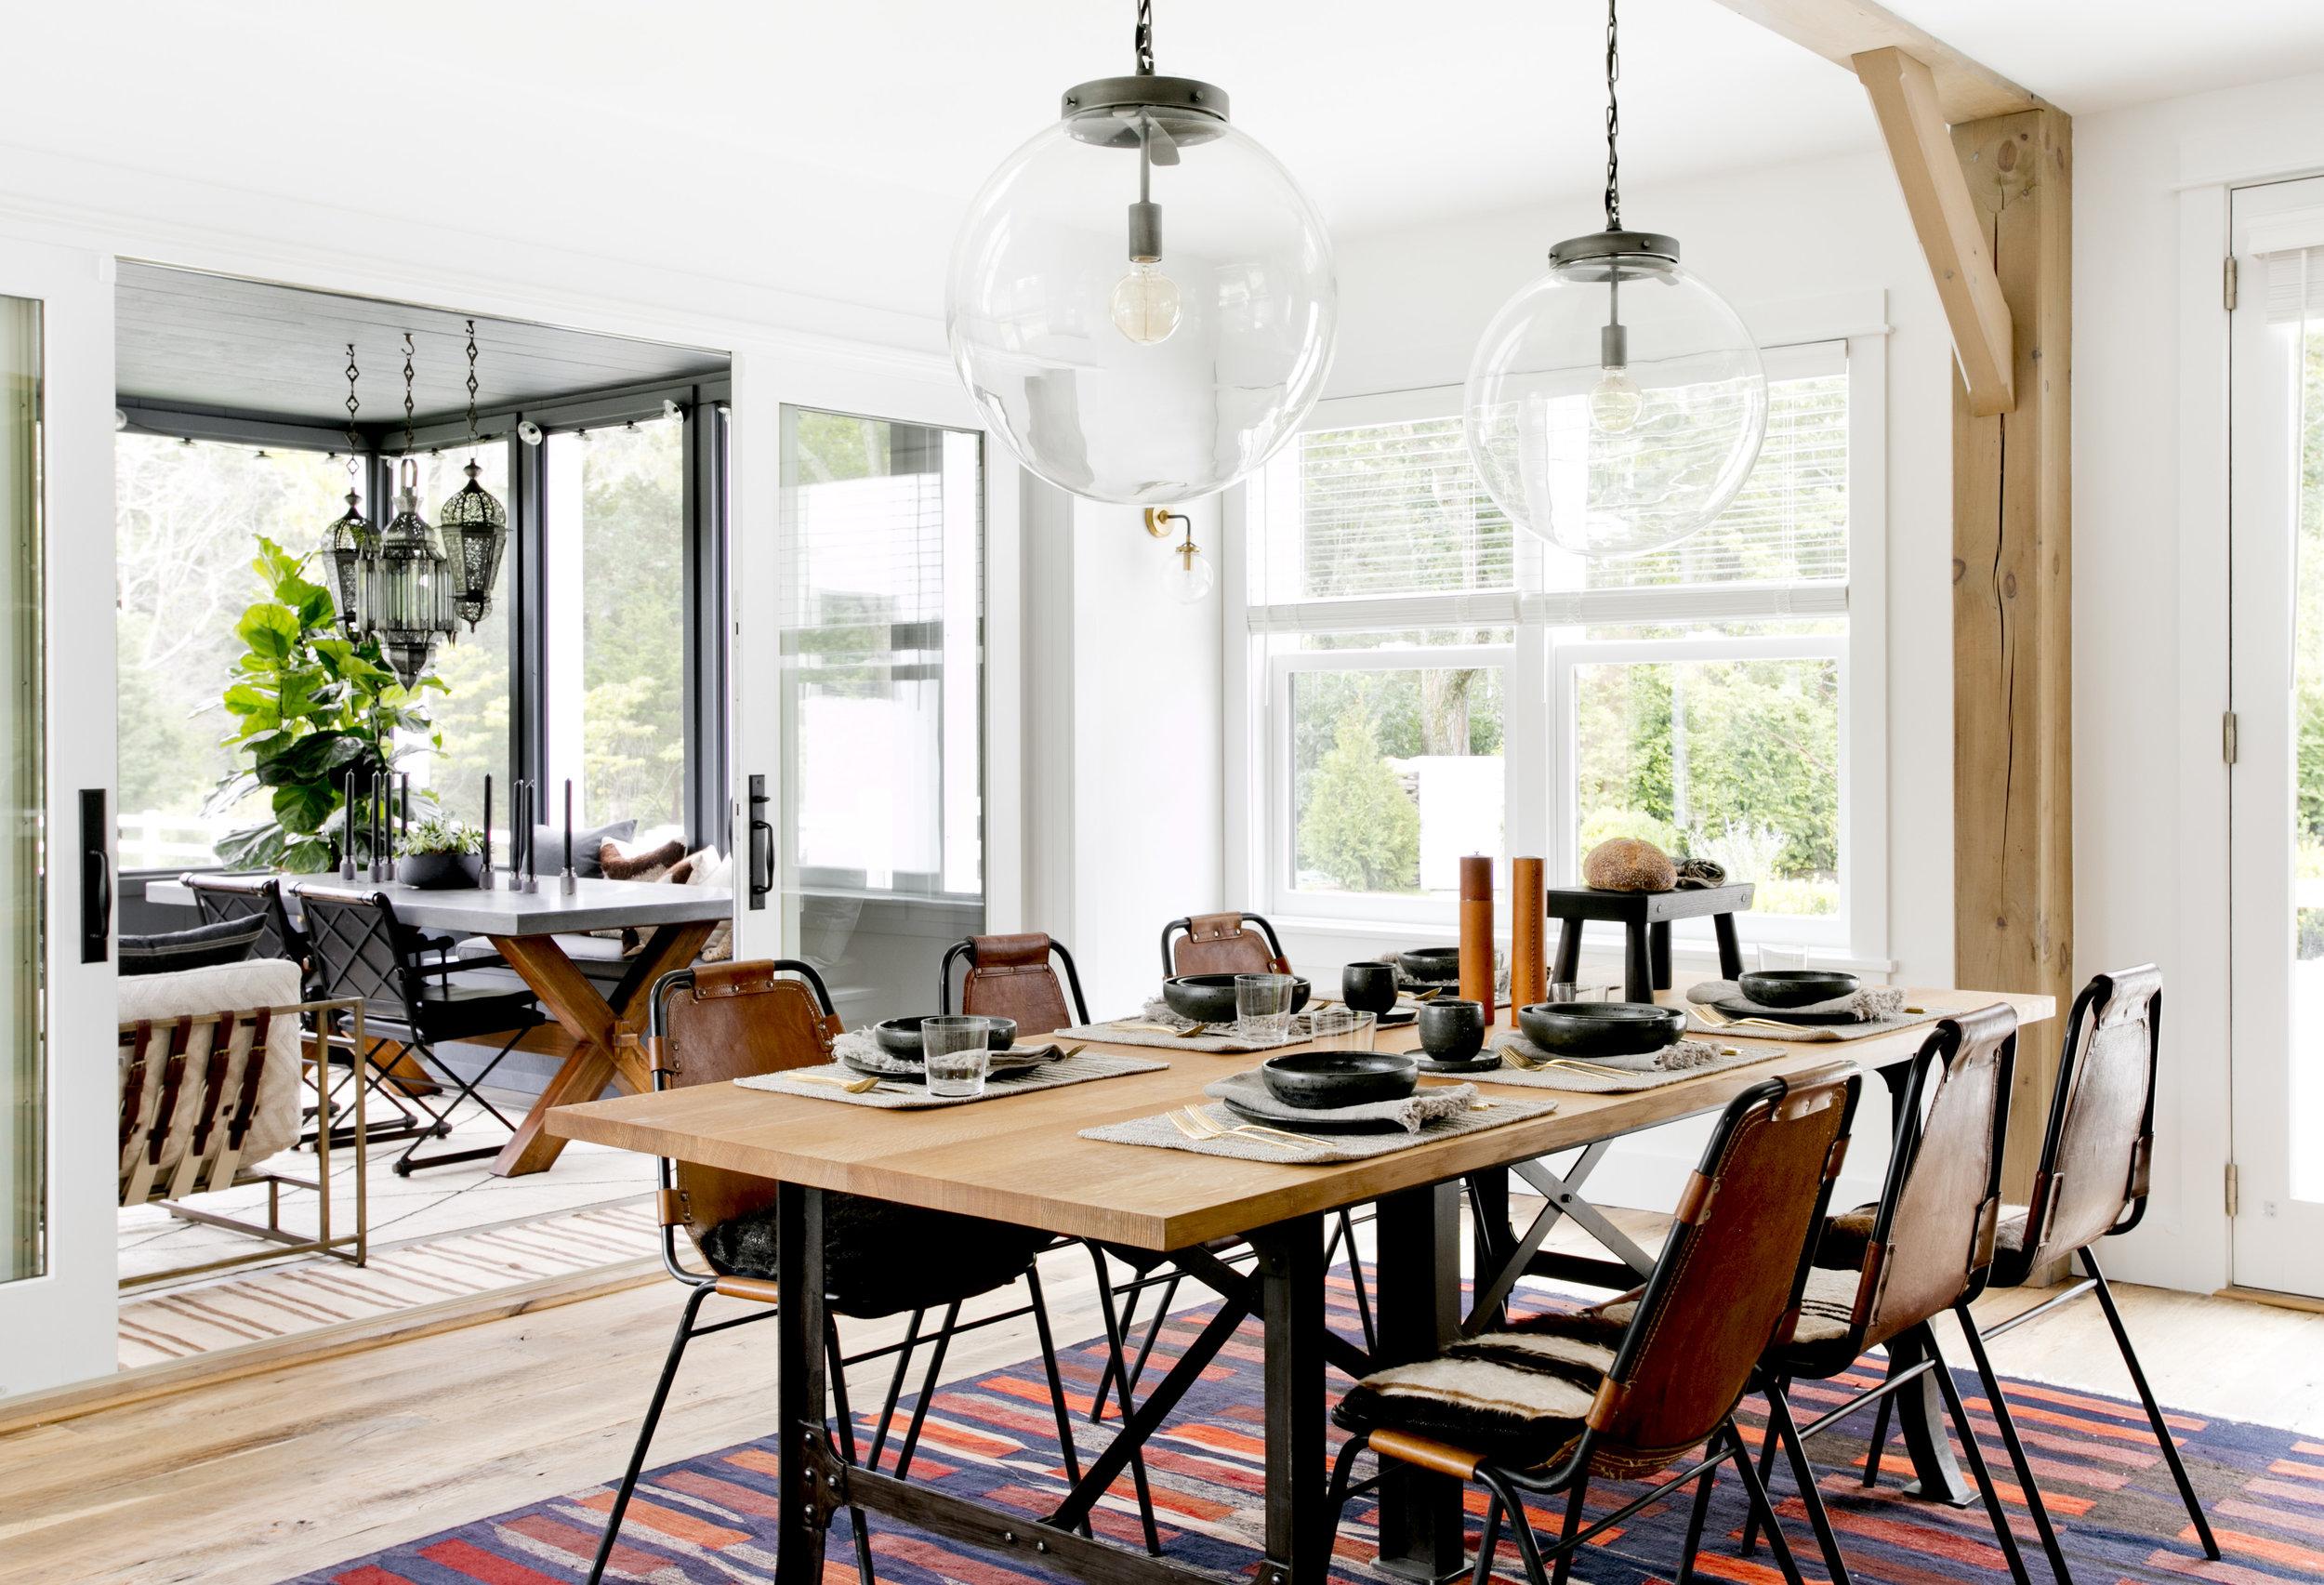 обеденный стол кожаные стулья сервировка веранда